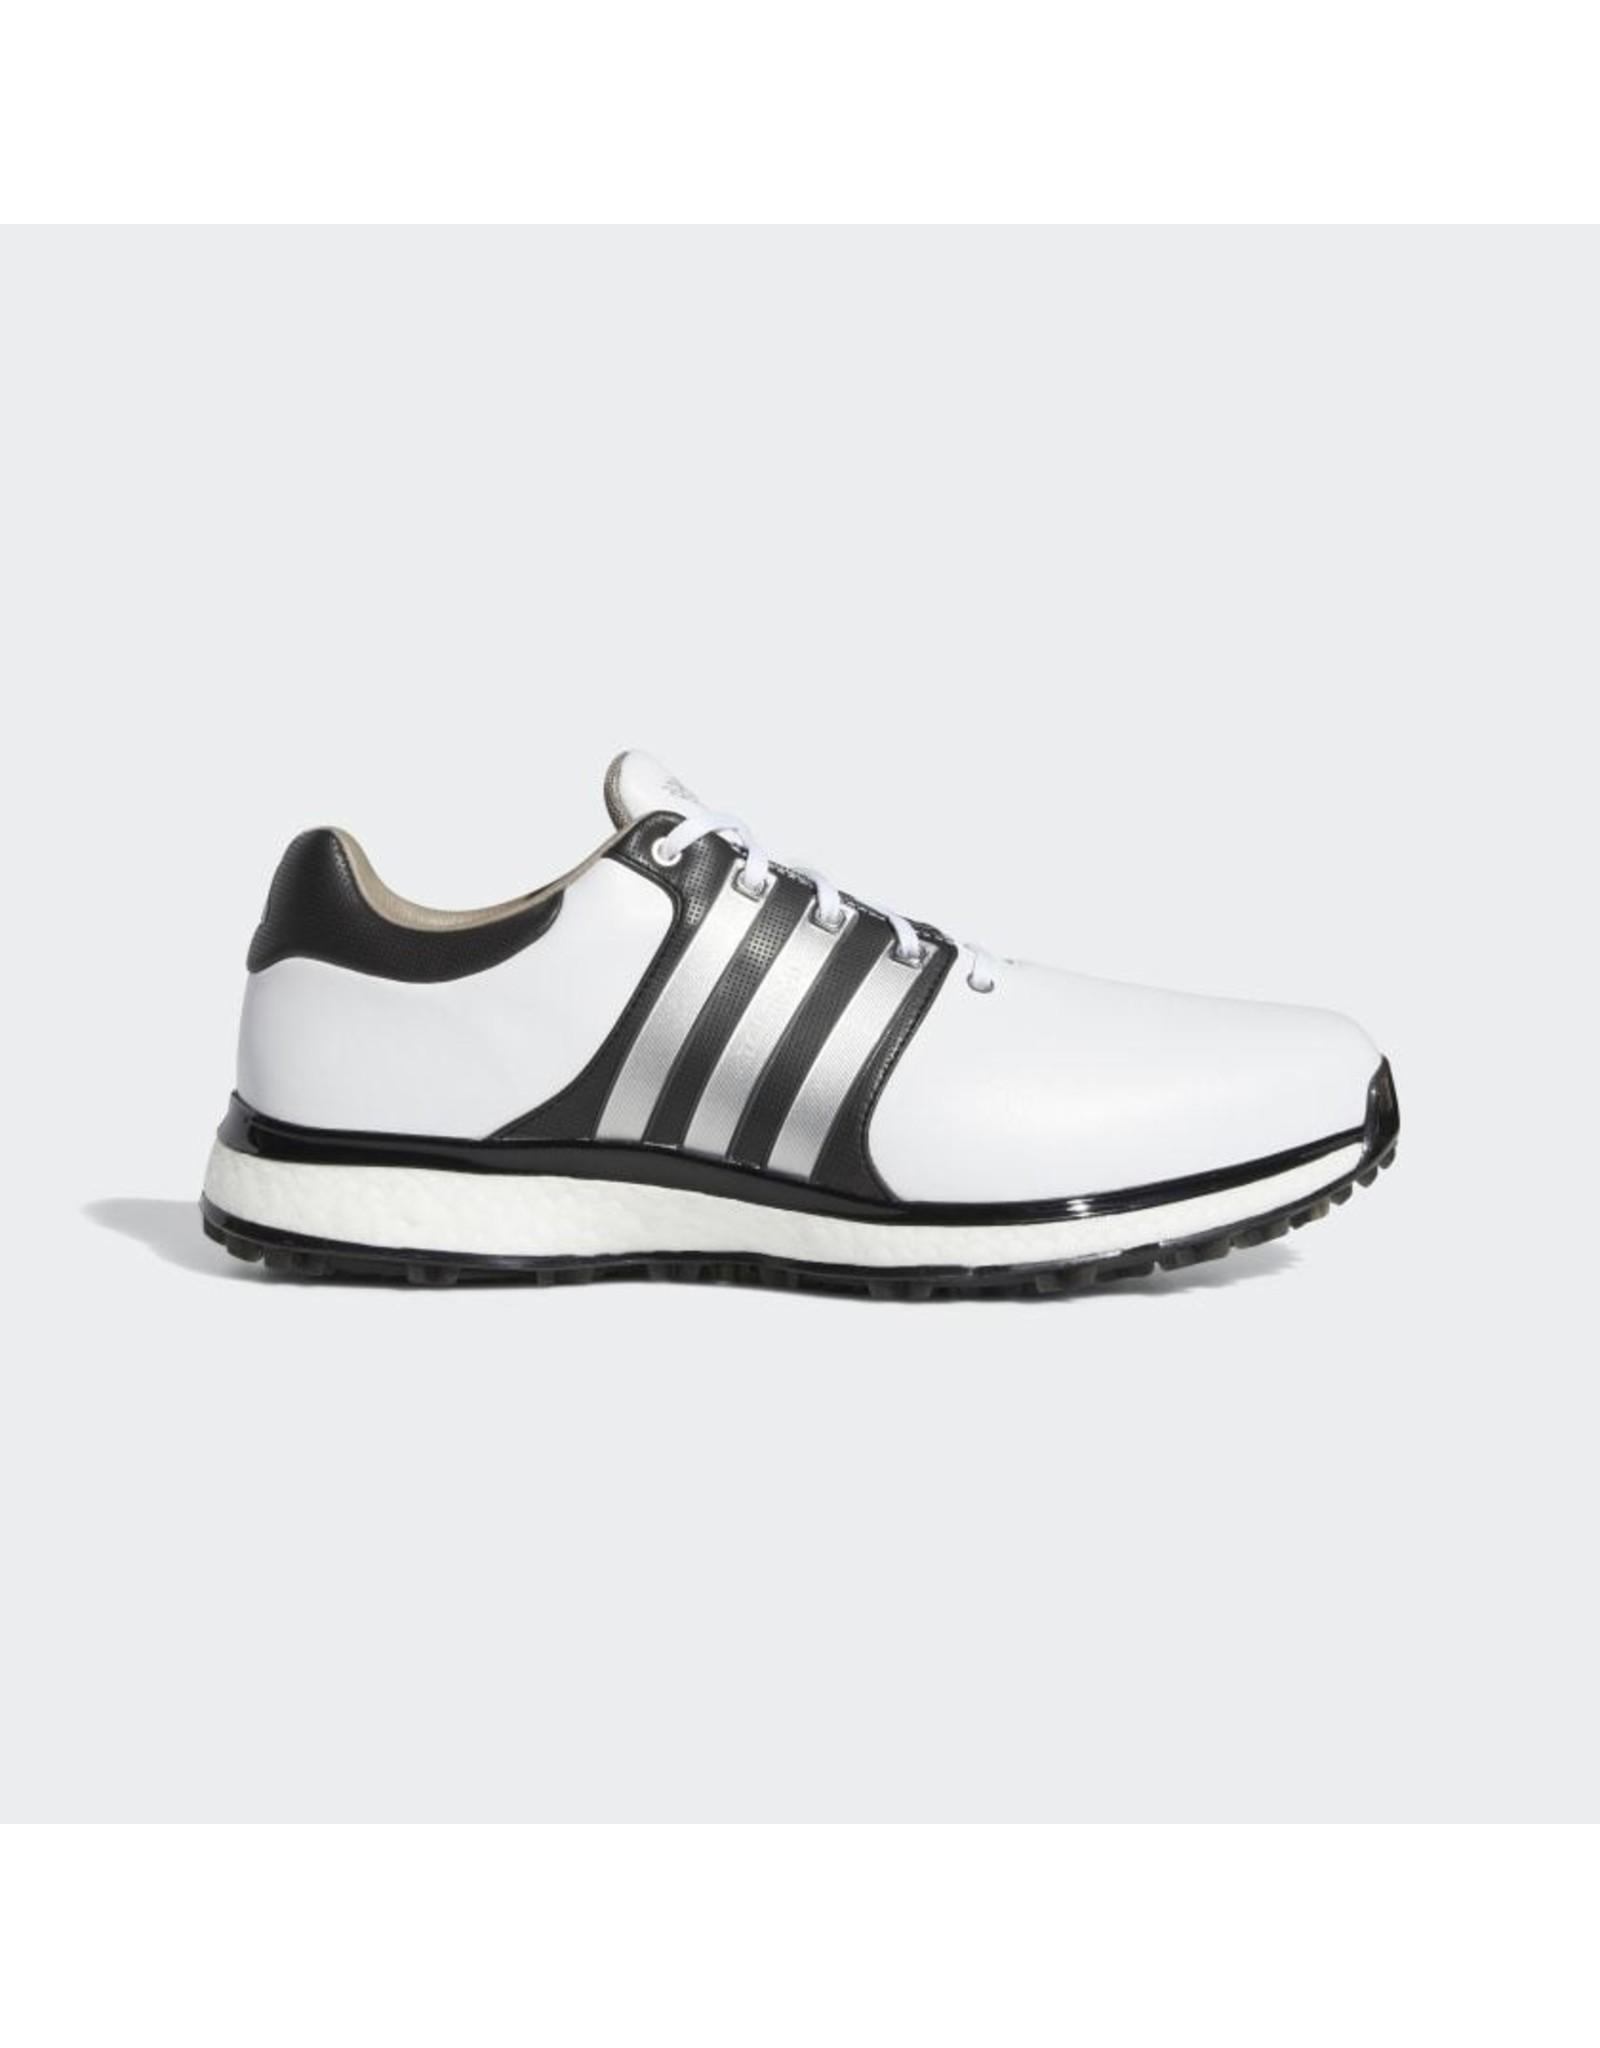 Adidas Adidas TOUR360 XT-SL White/Black